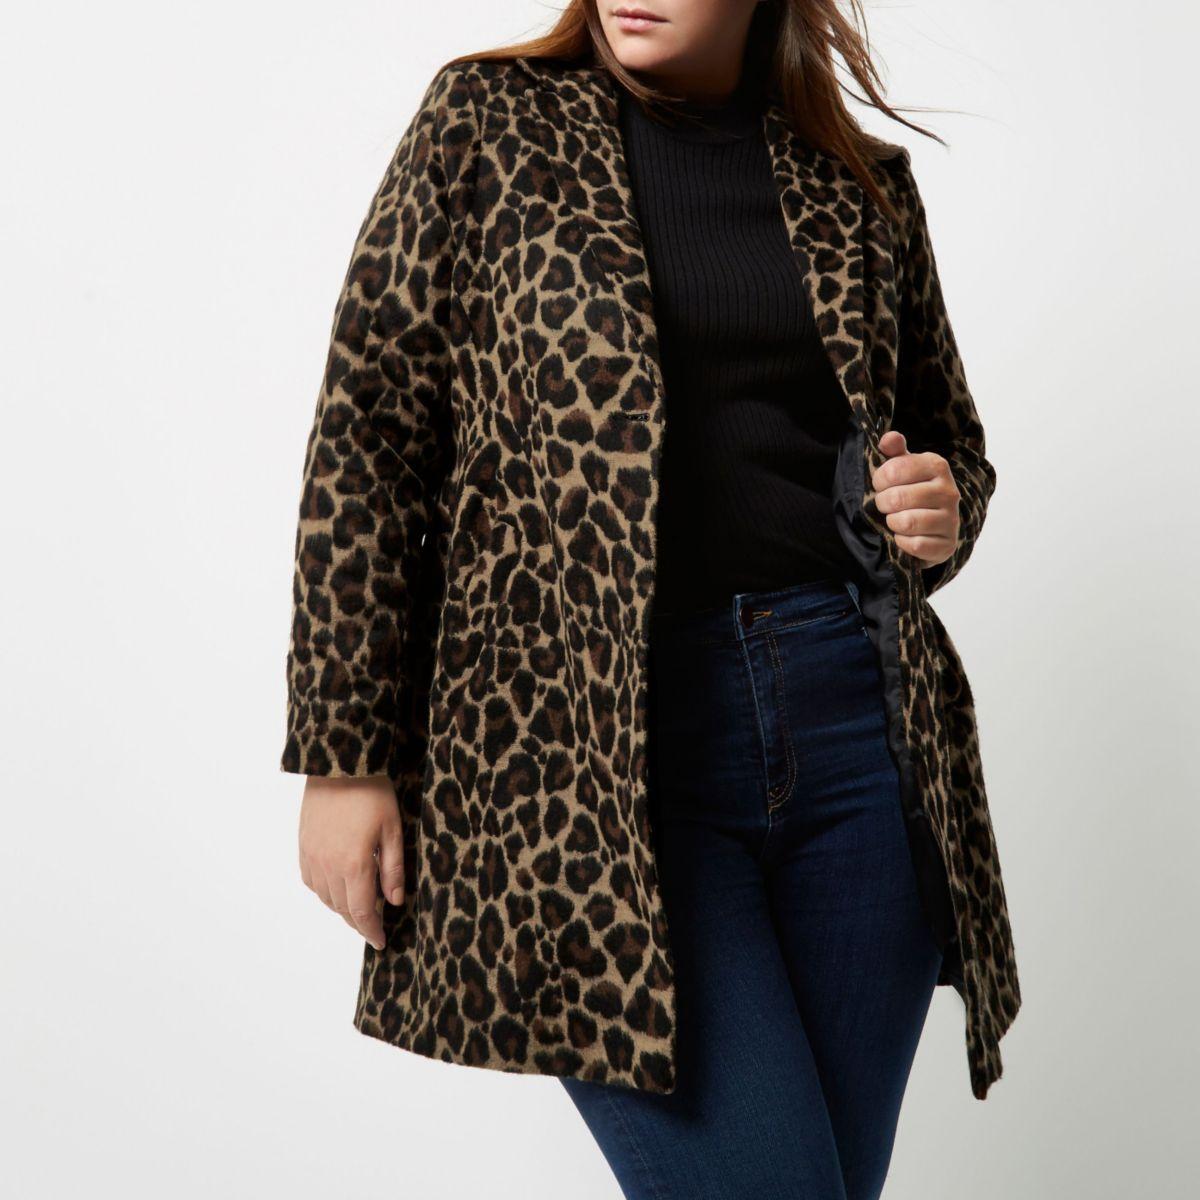 Manteau Plus imprimé léopard